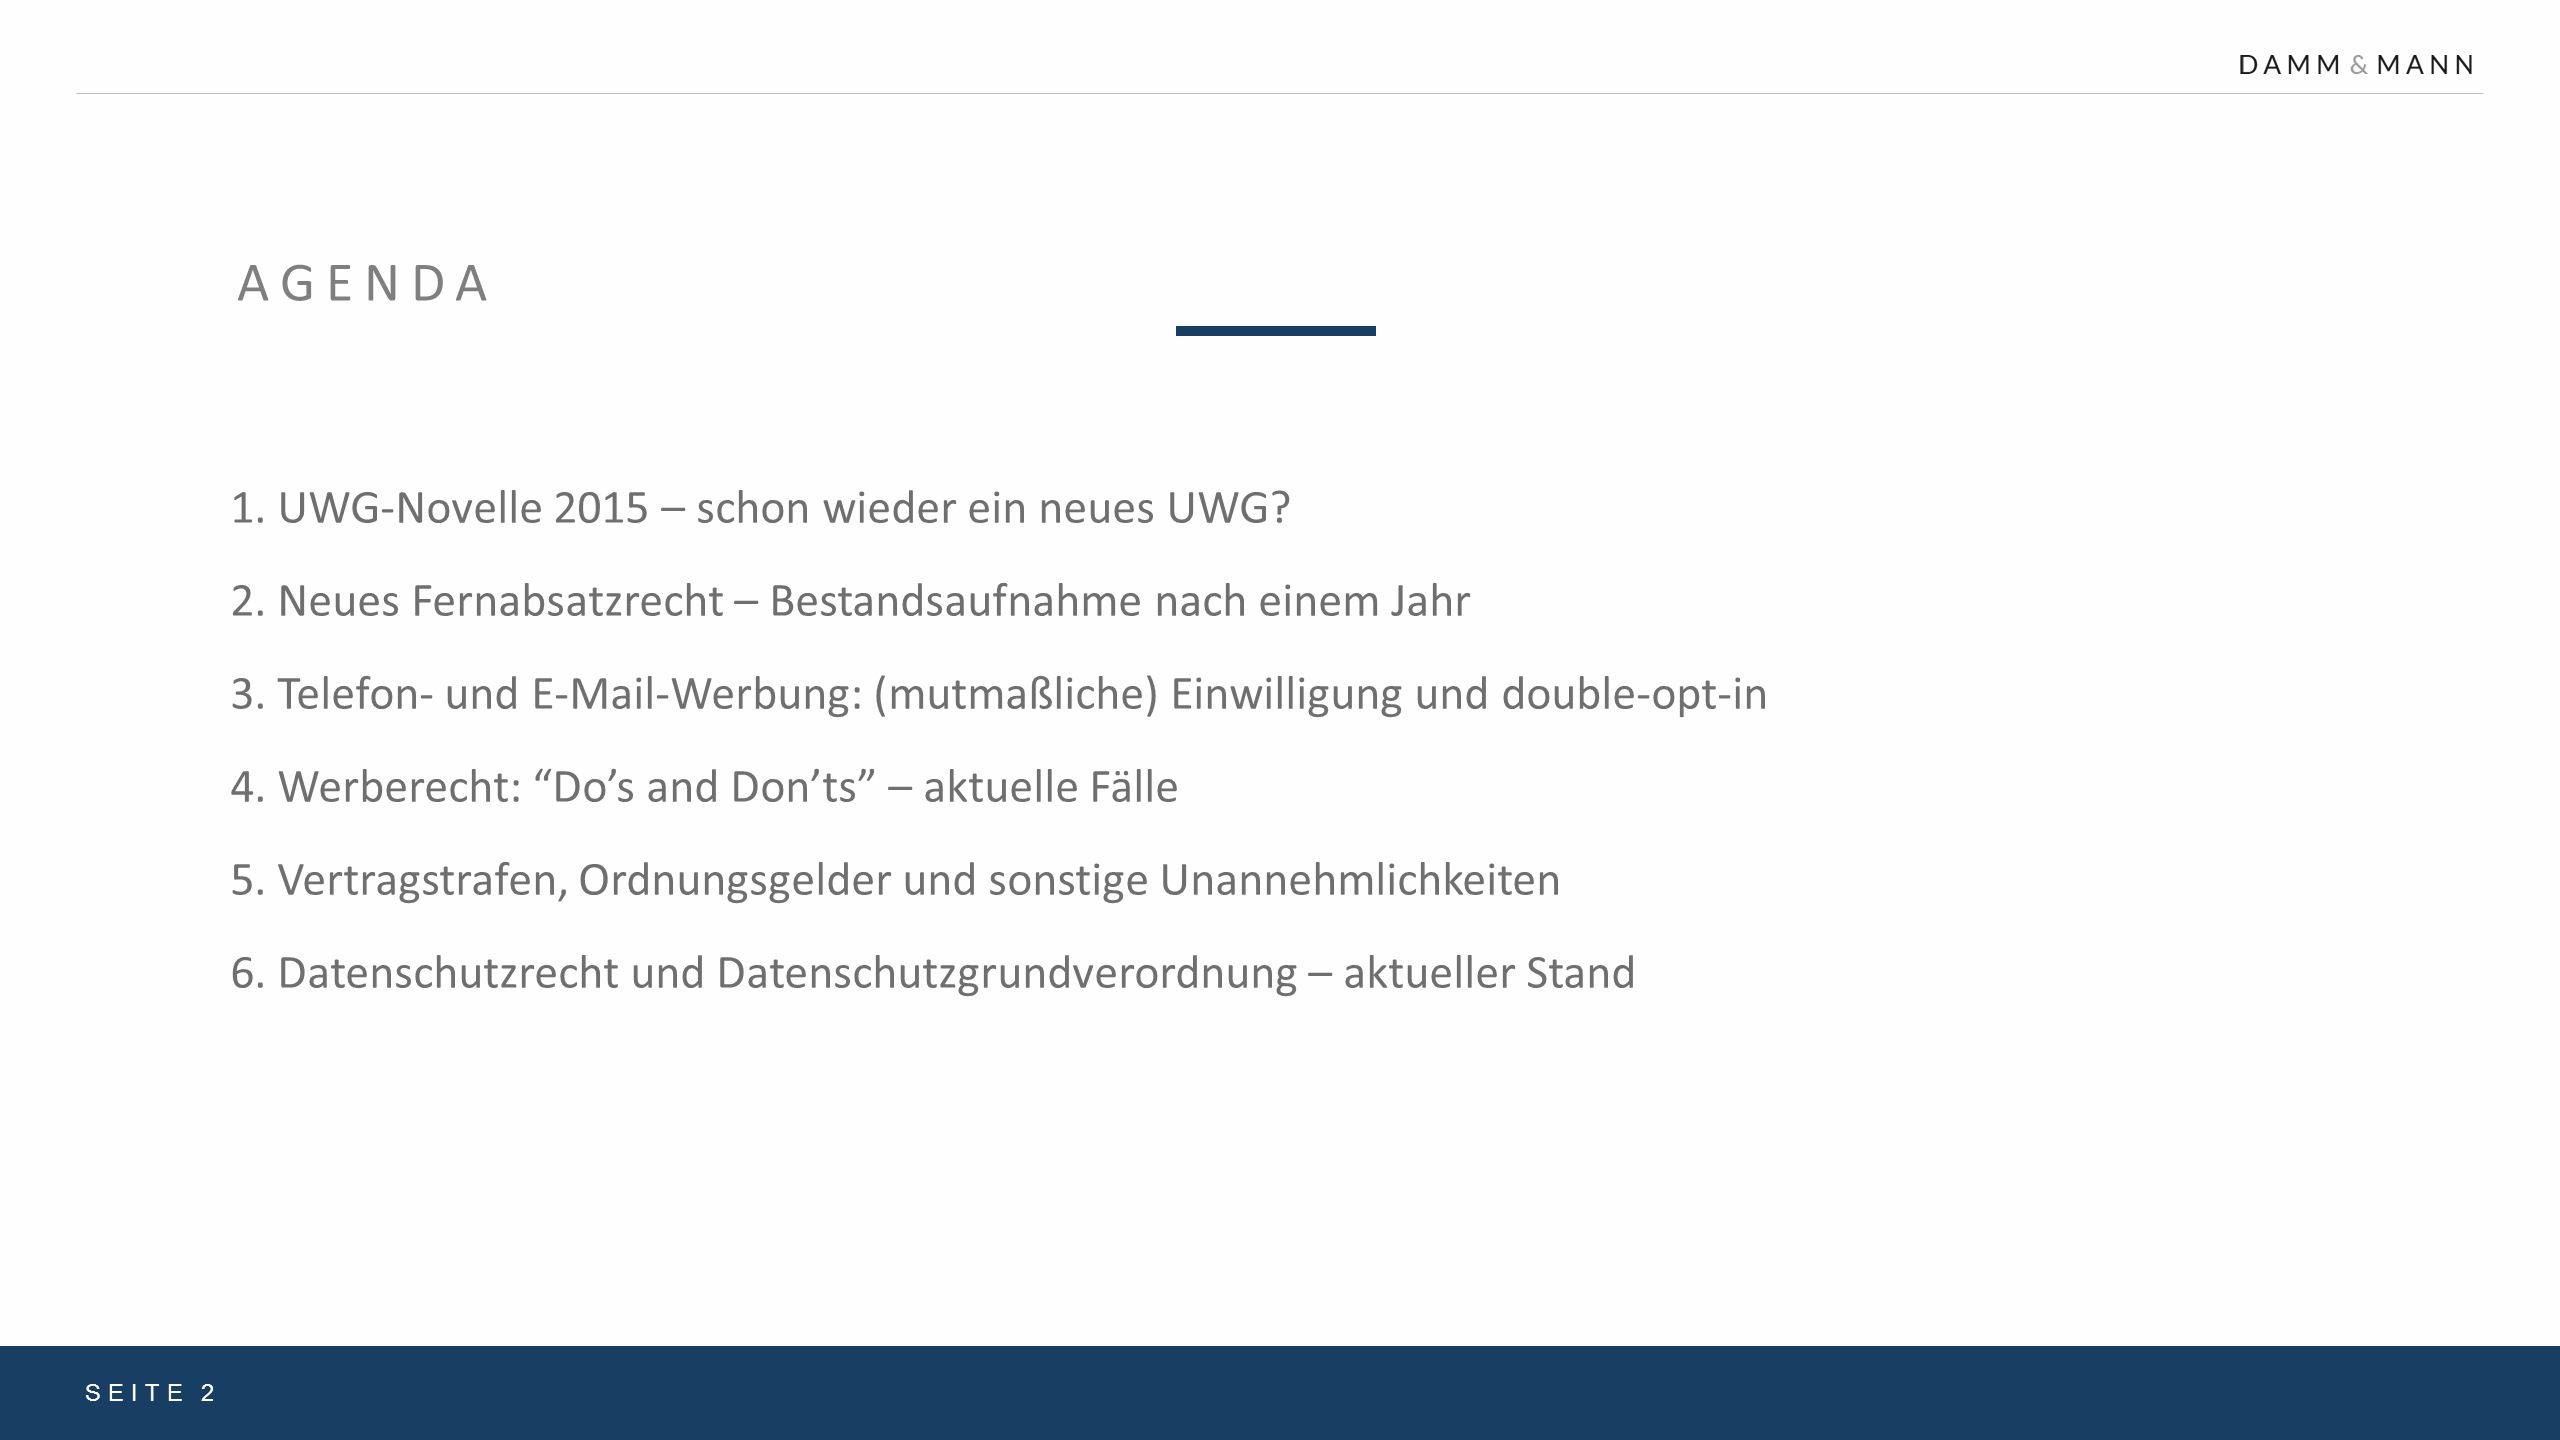 Agenda 1. UWG-Novelle 2015 – schon wieder ein neues UWG